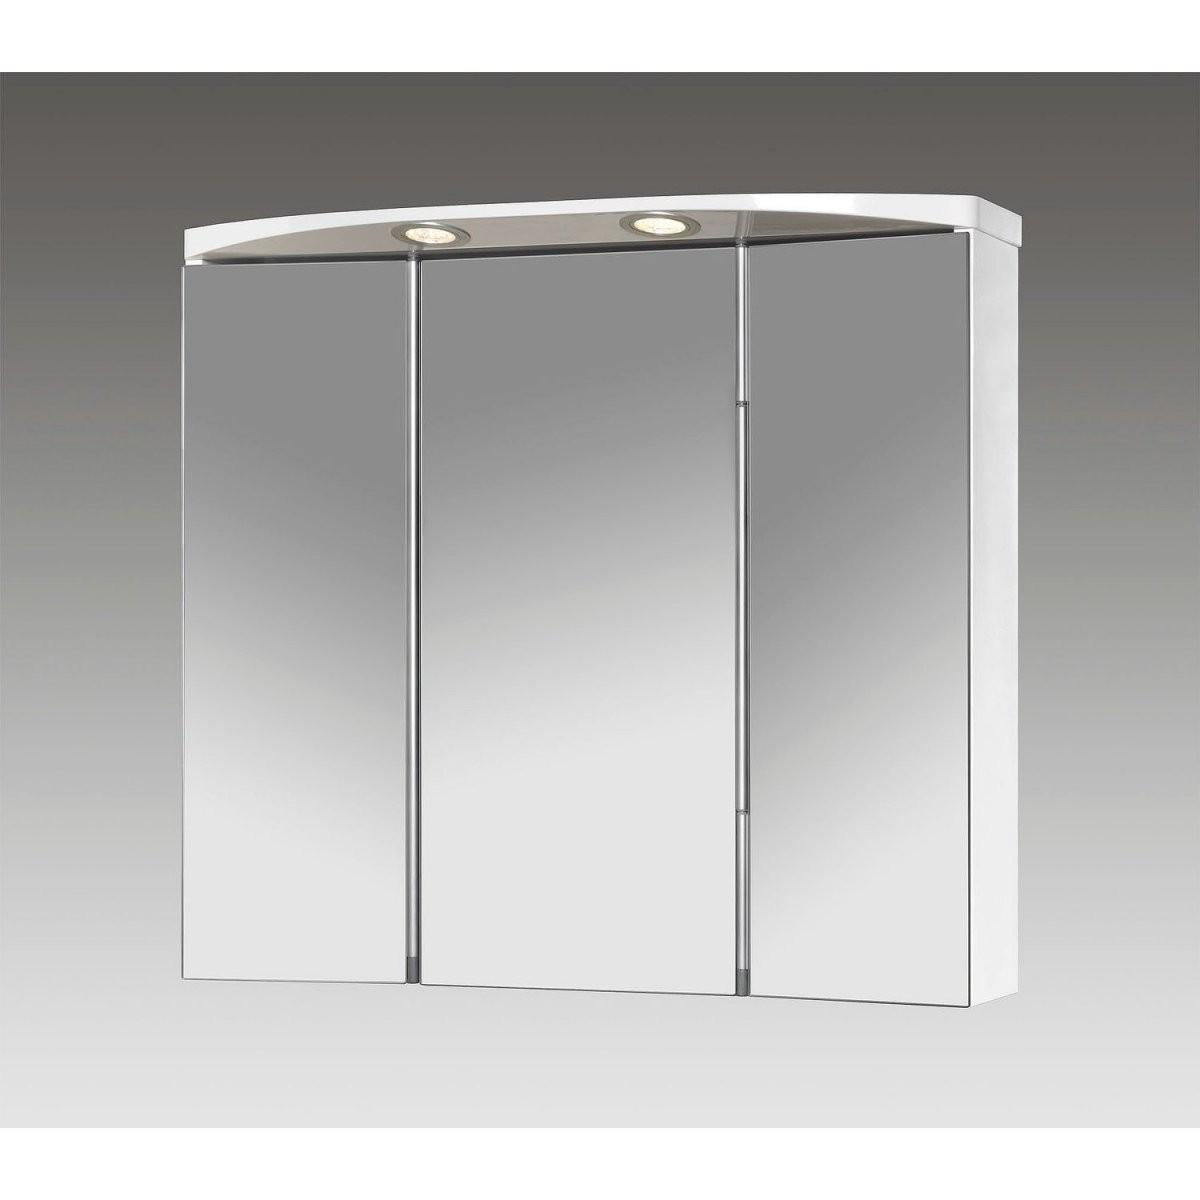 Led Spiegelschränke Online Kaufen Bei Obi von Bad Spiegelschrank Led Leuchte Bild